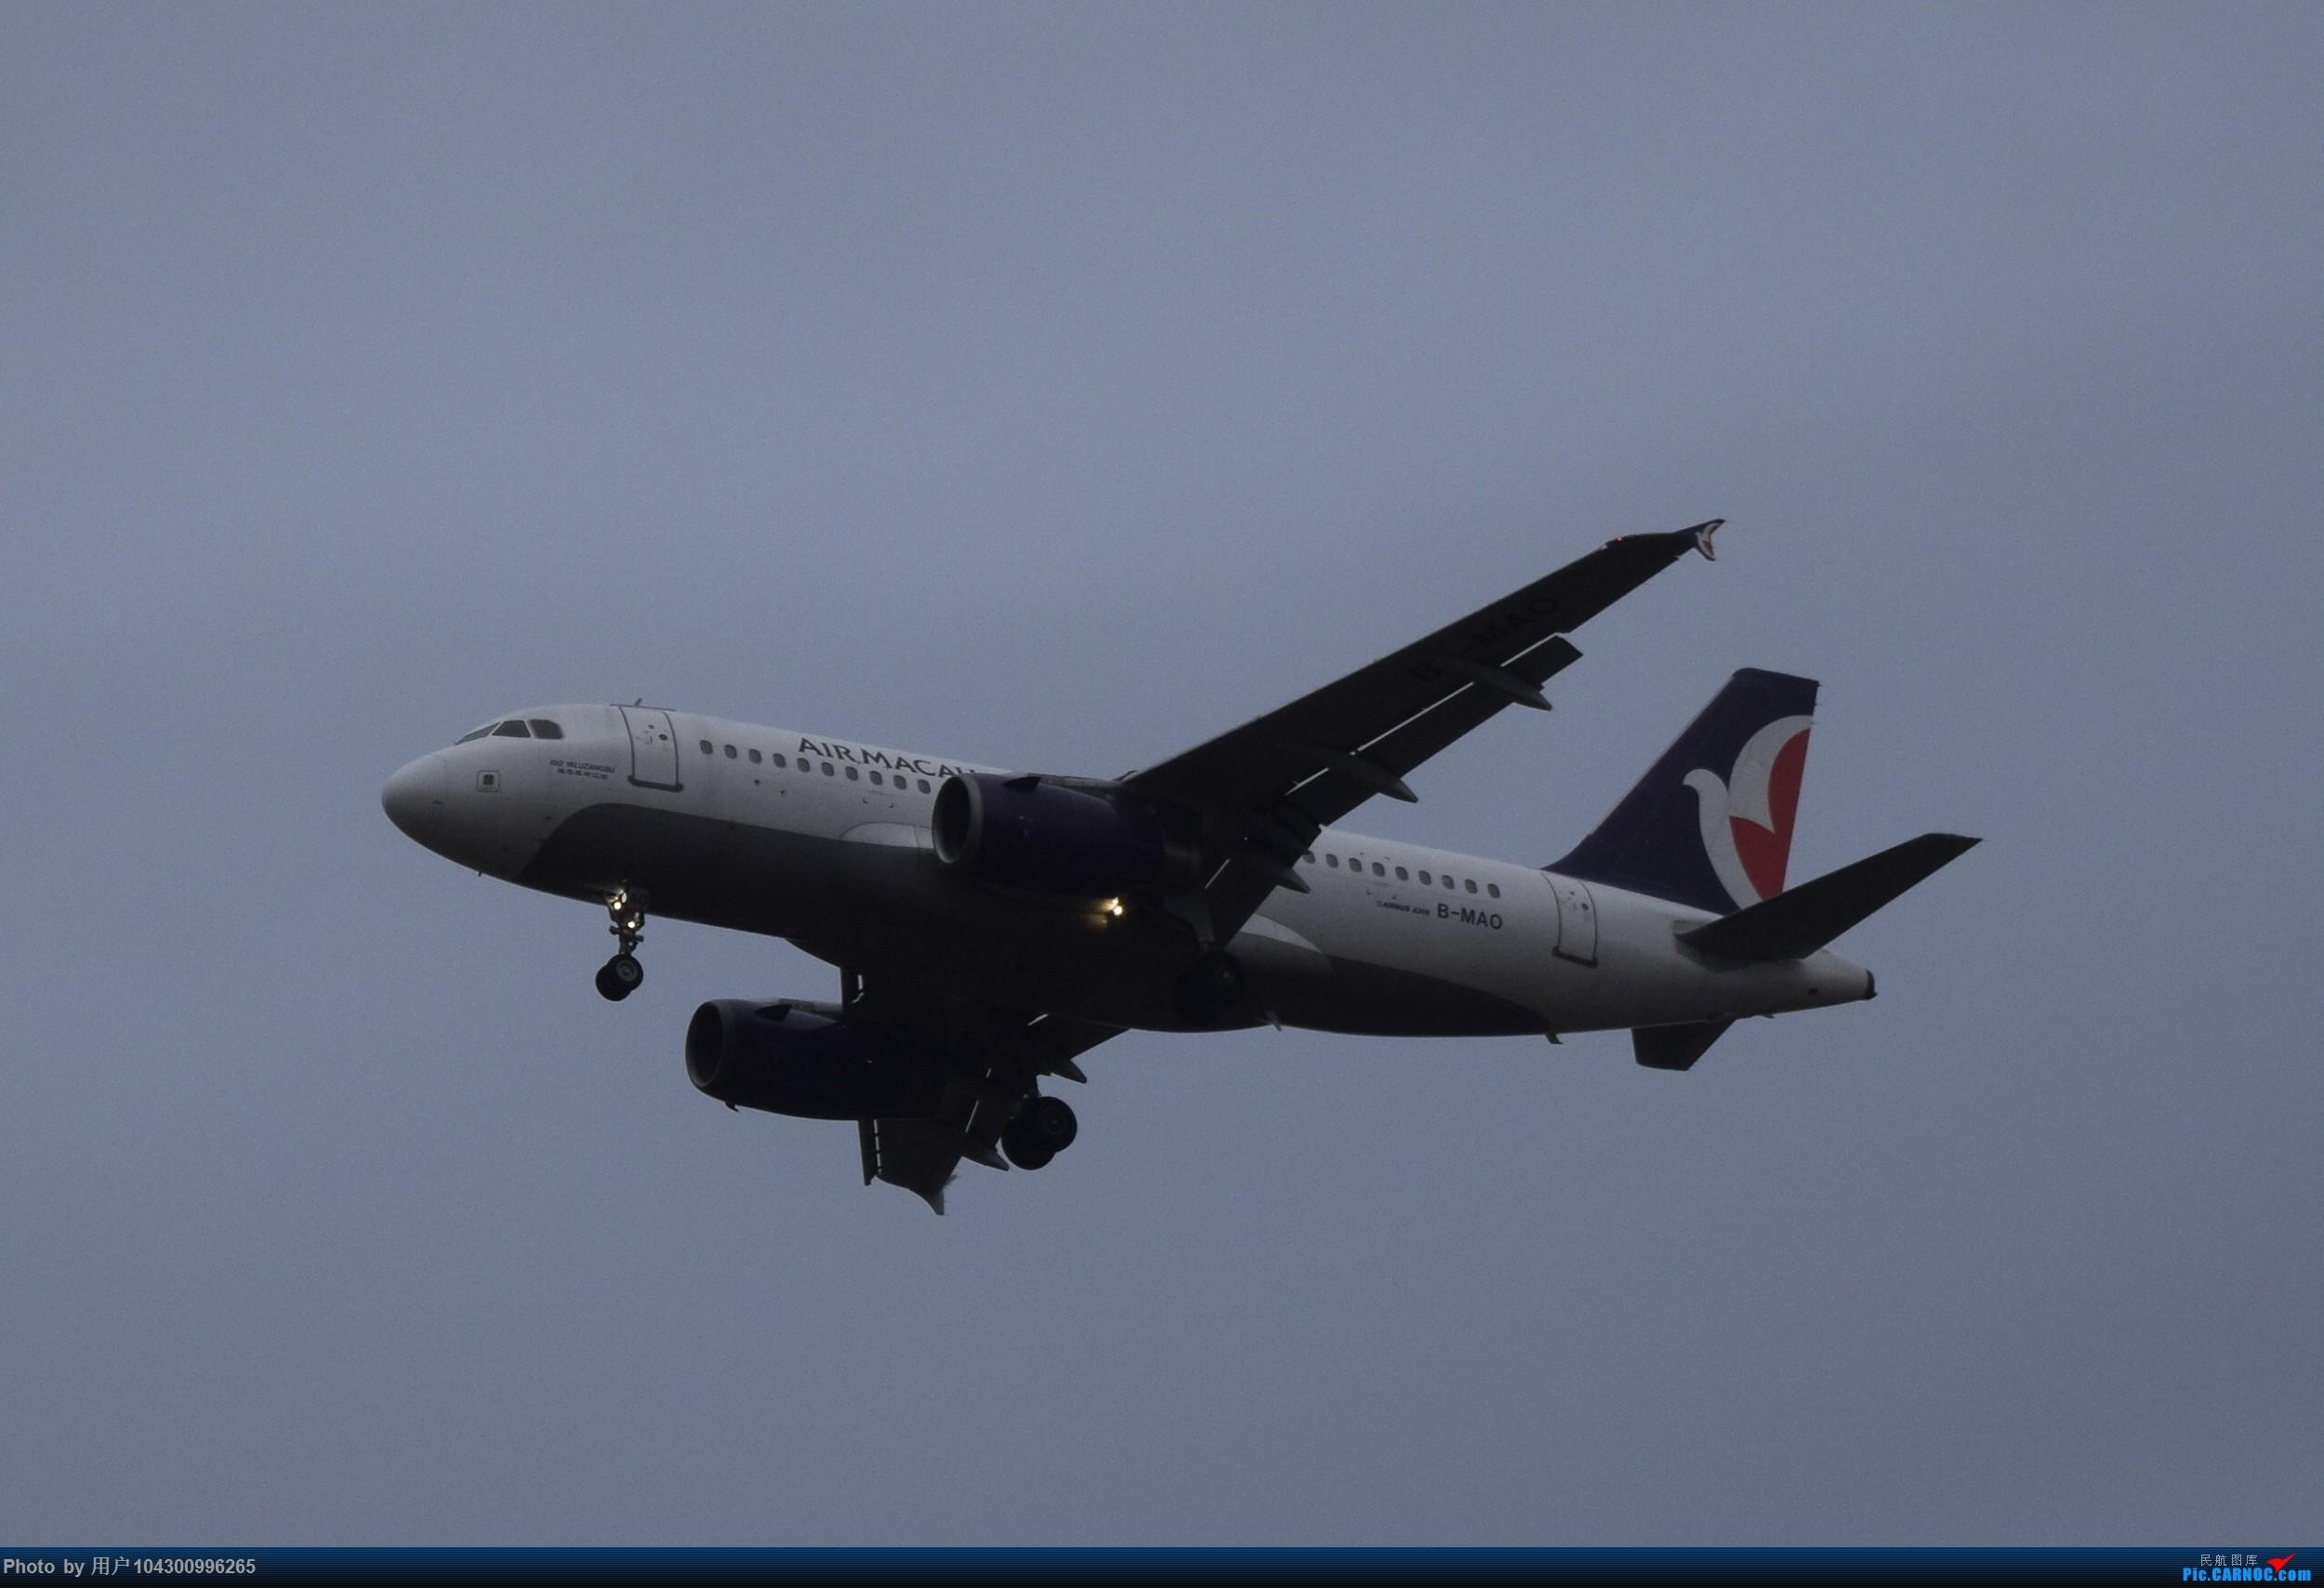 Re:[原创]乌云、雨雾之中的贵阳龙洞堡 AIRBUS A319-100 B-MAO 中国贵阳龙洞堡国际机场